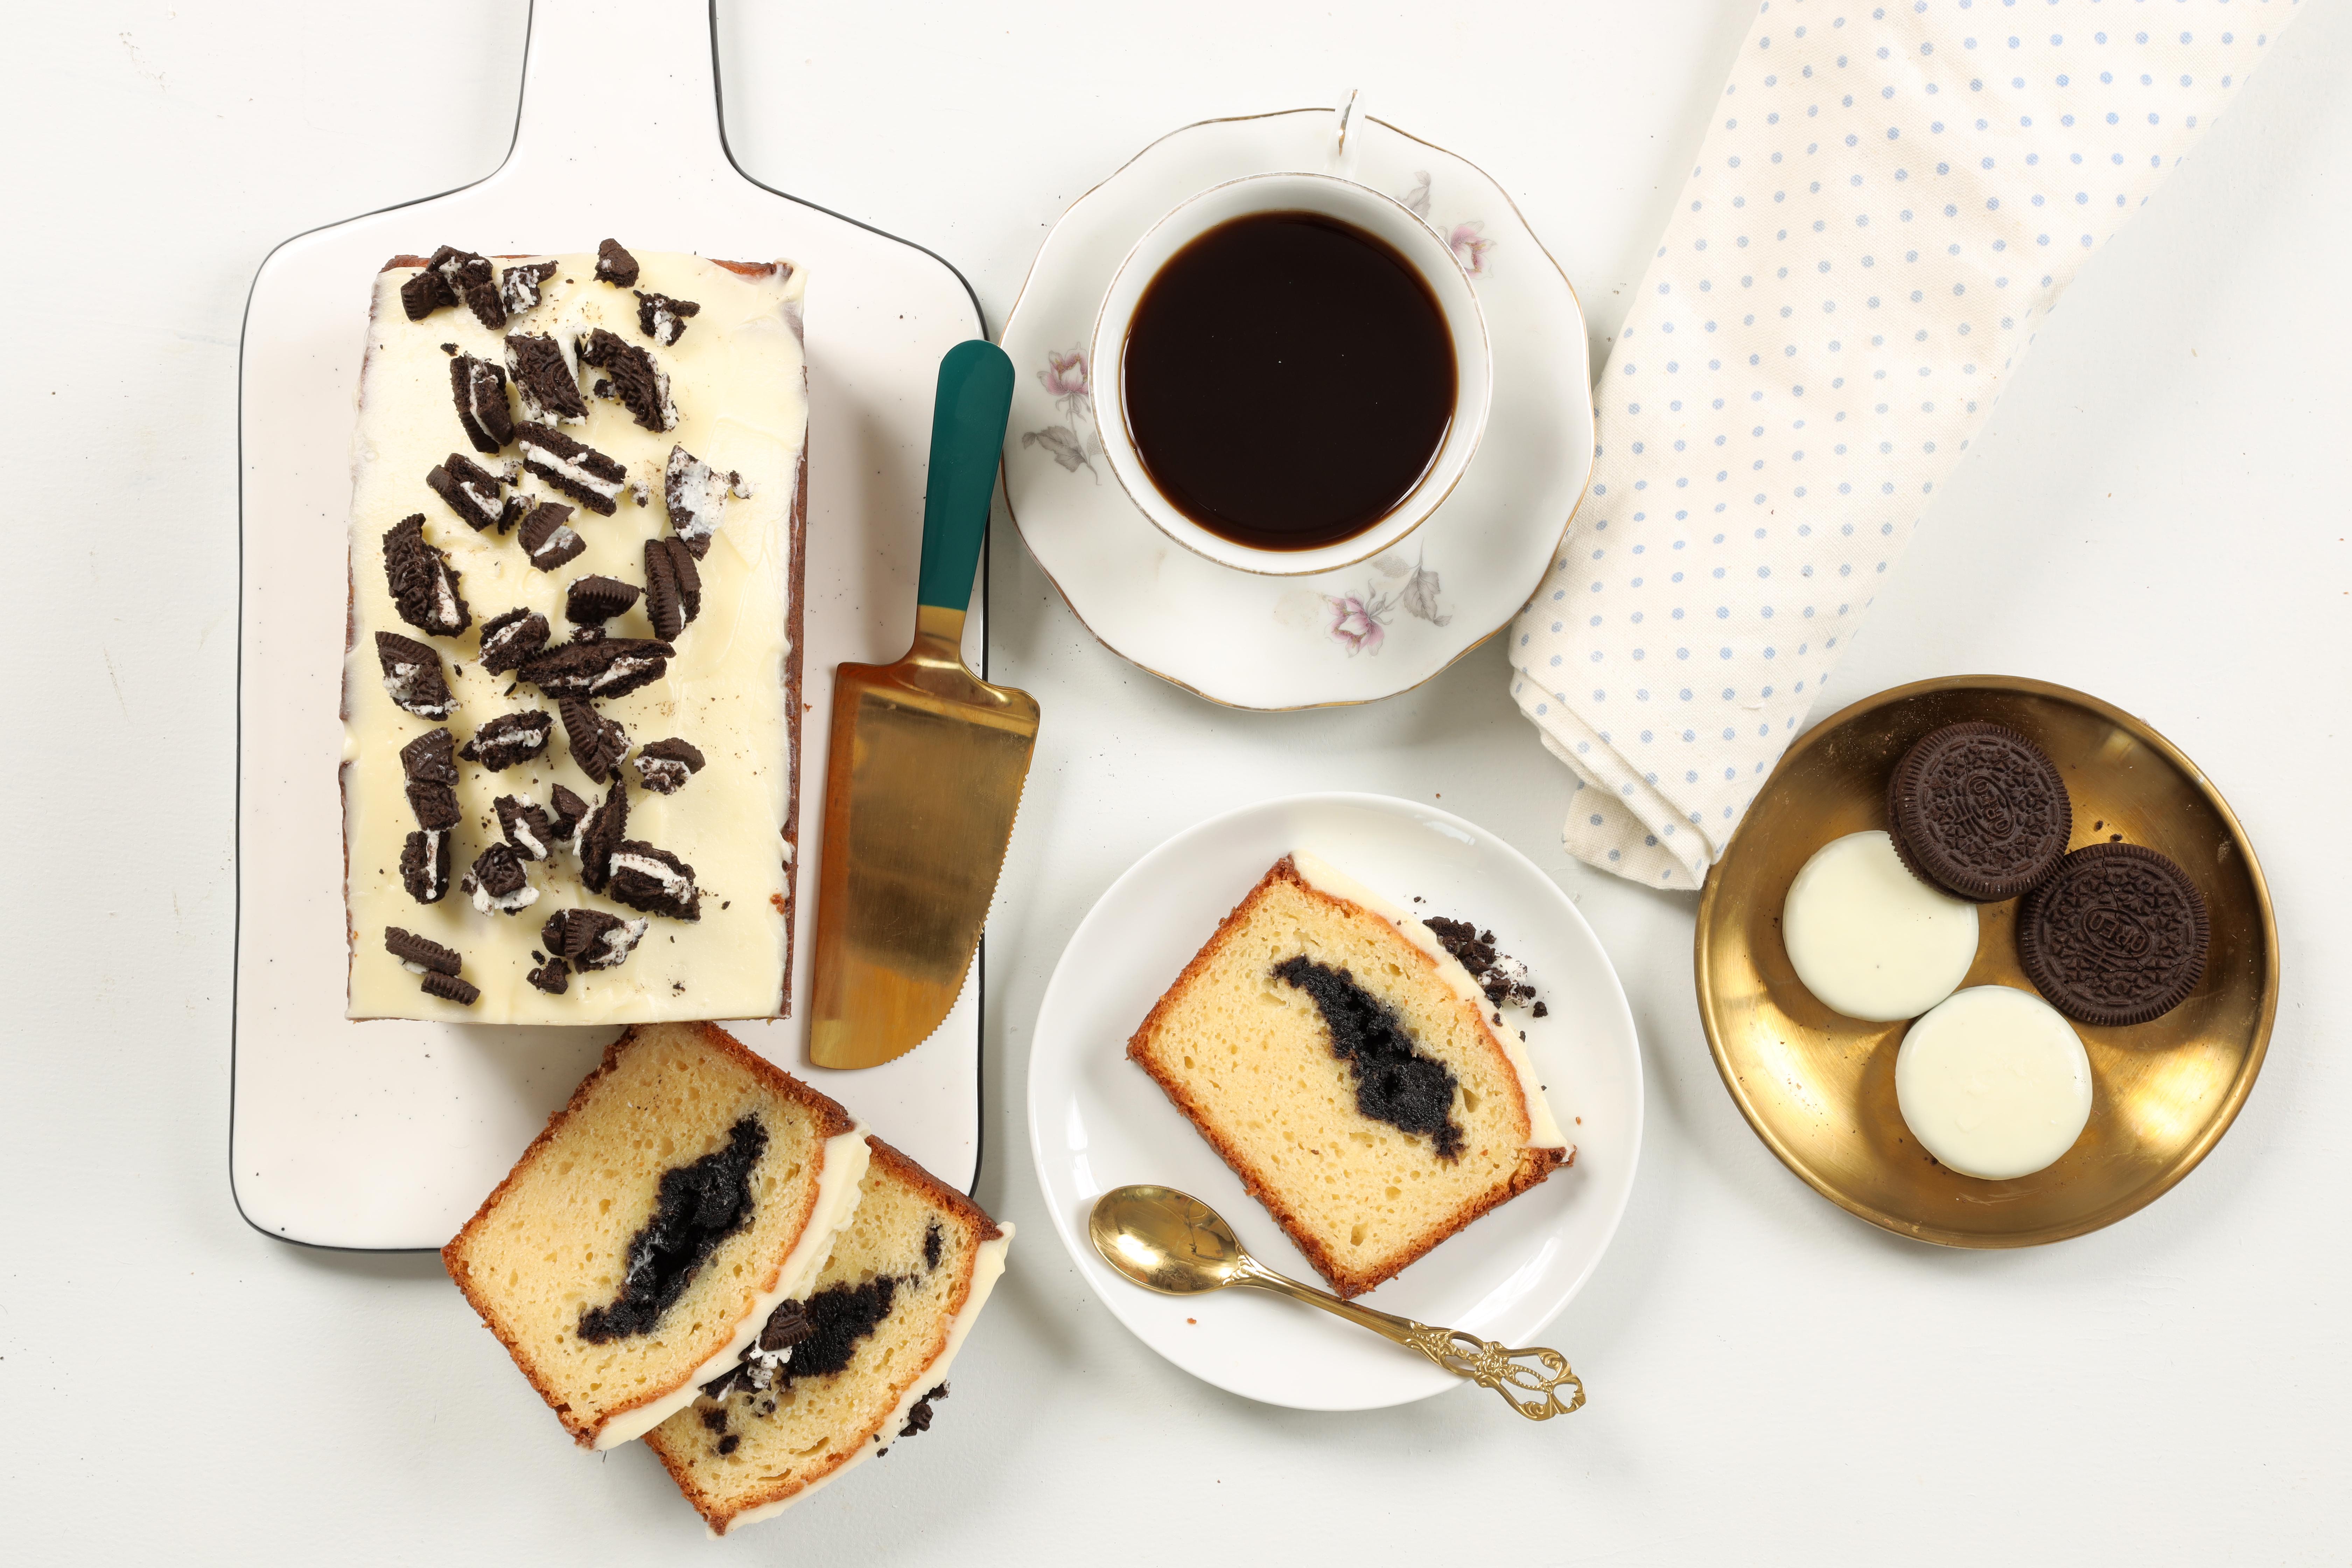 עוגה בחושה במילוי אוראו